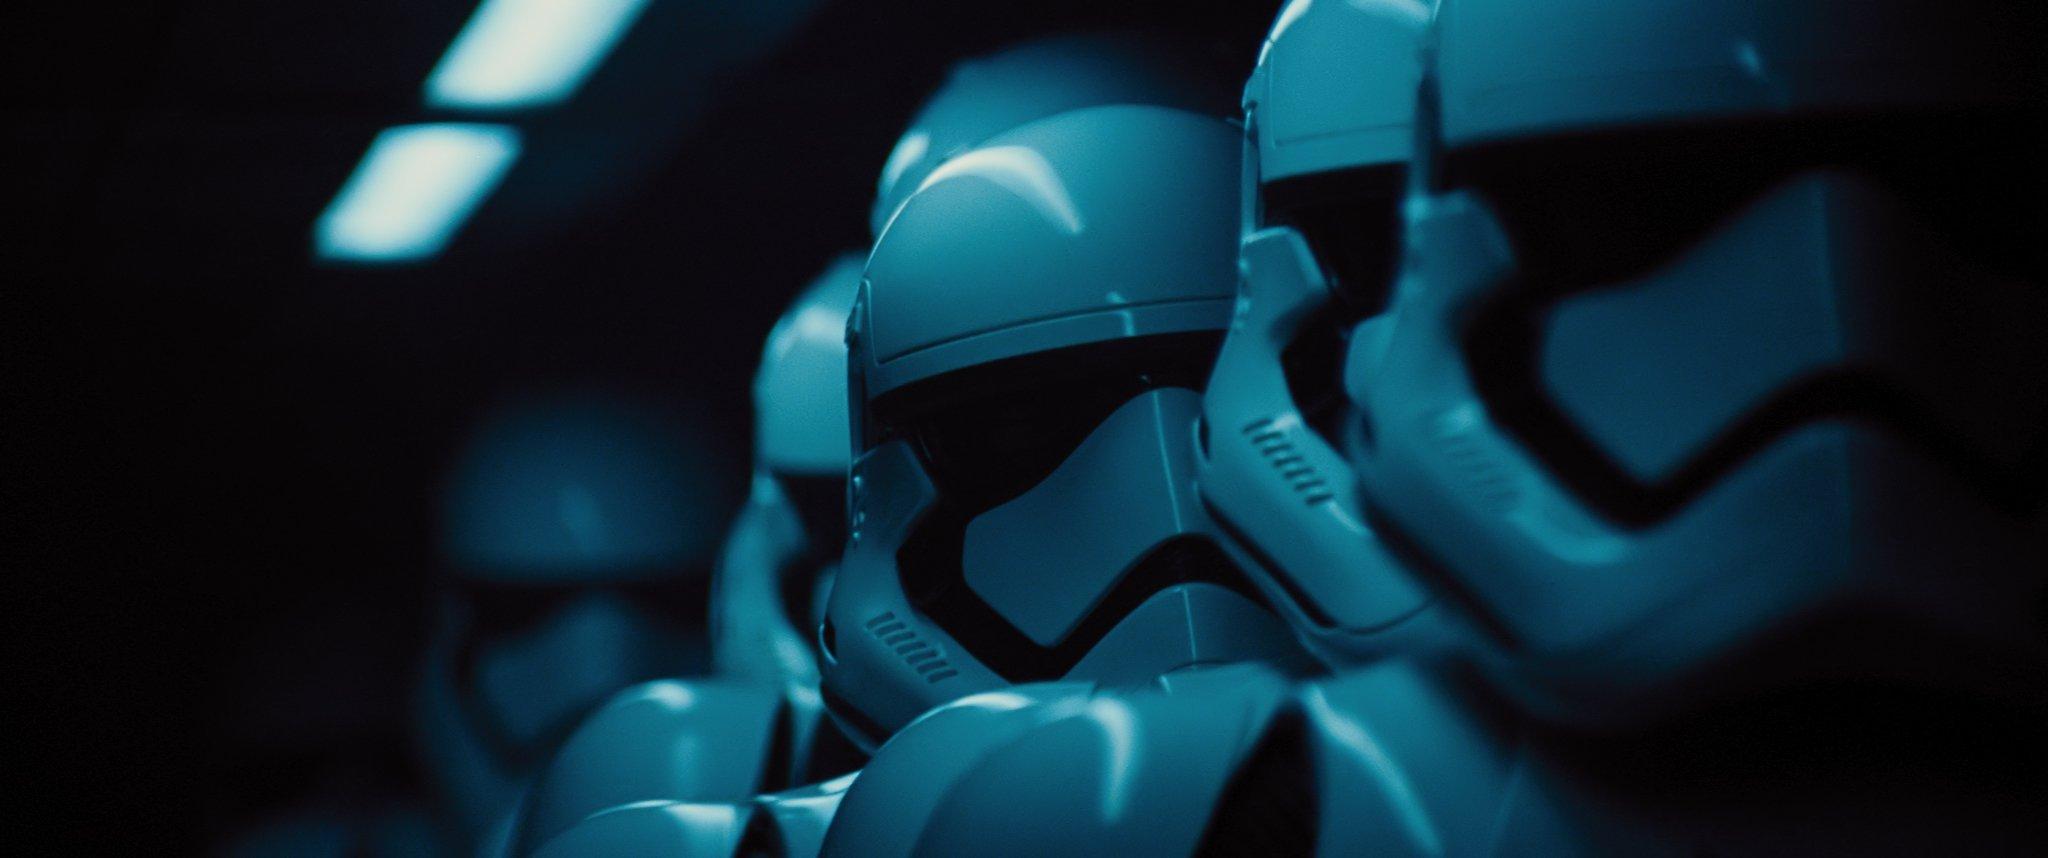 Звёздные войны. Эпизод VIII Последние джедаи (Star Wars. Episode VIII The Last Jedi) 6